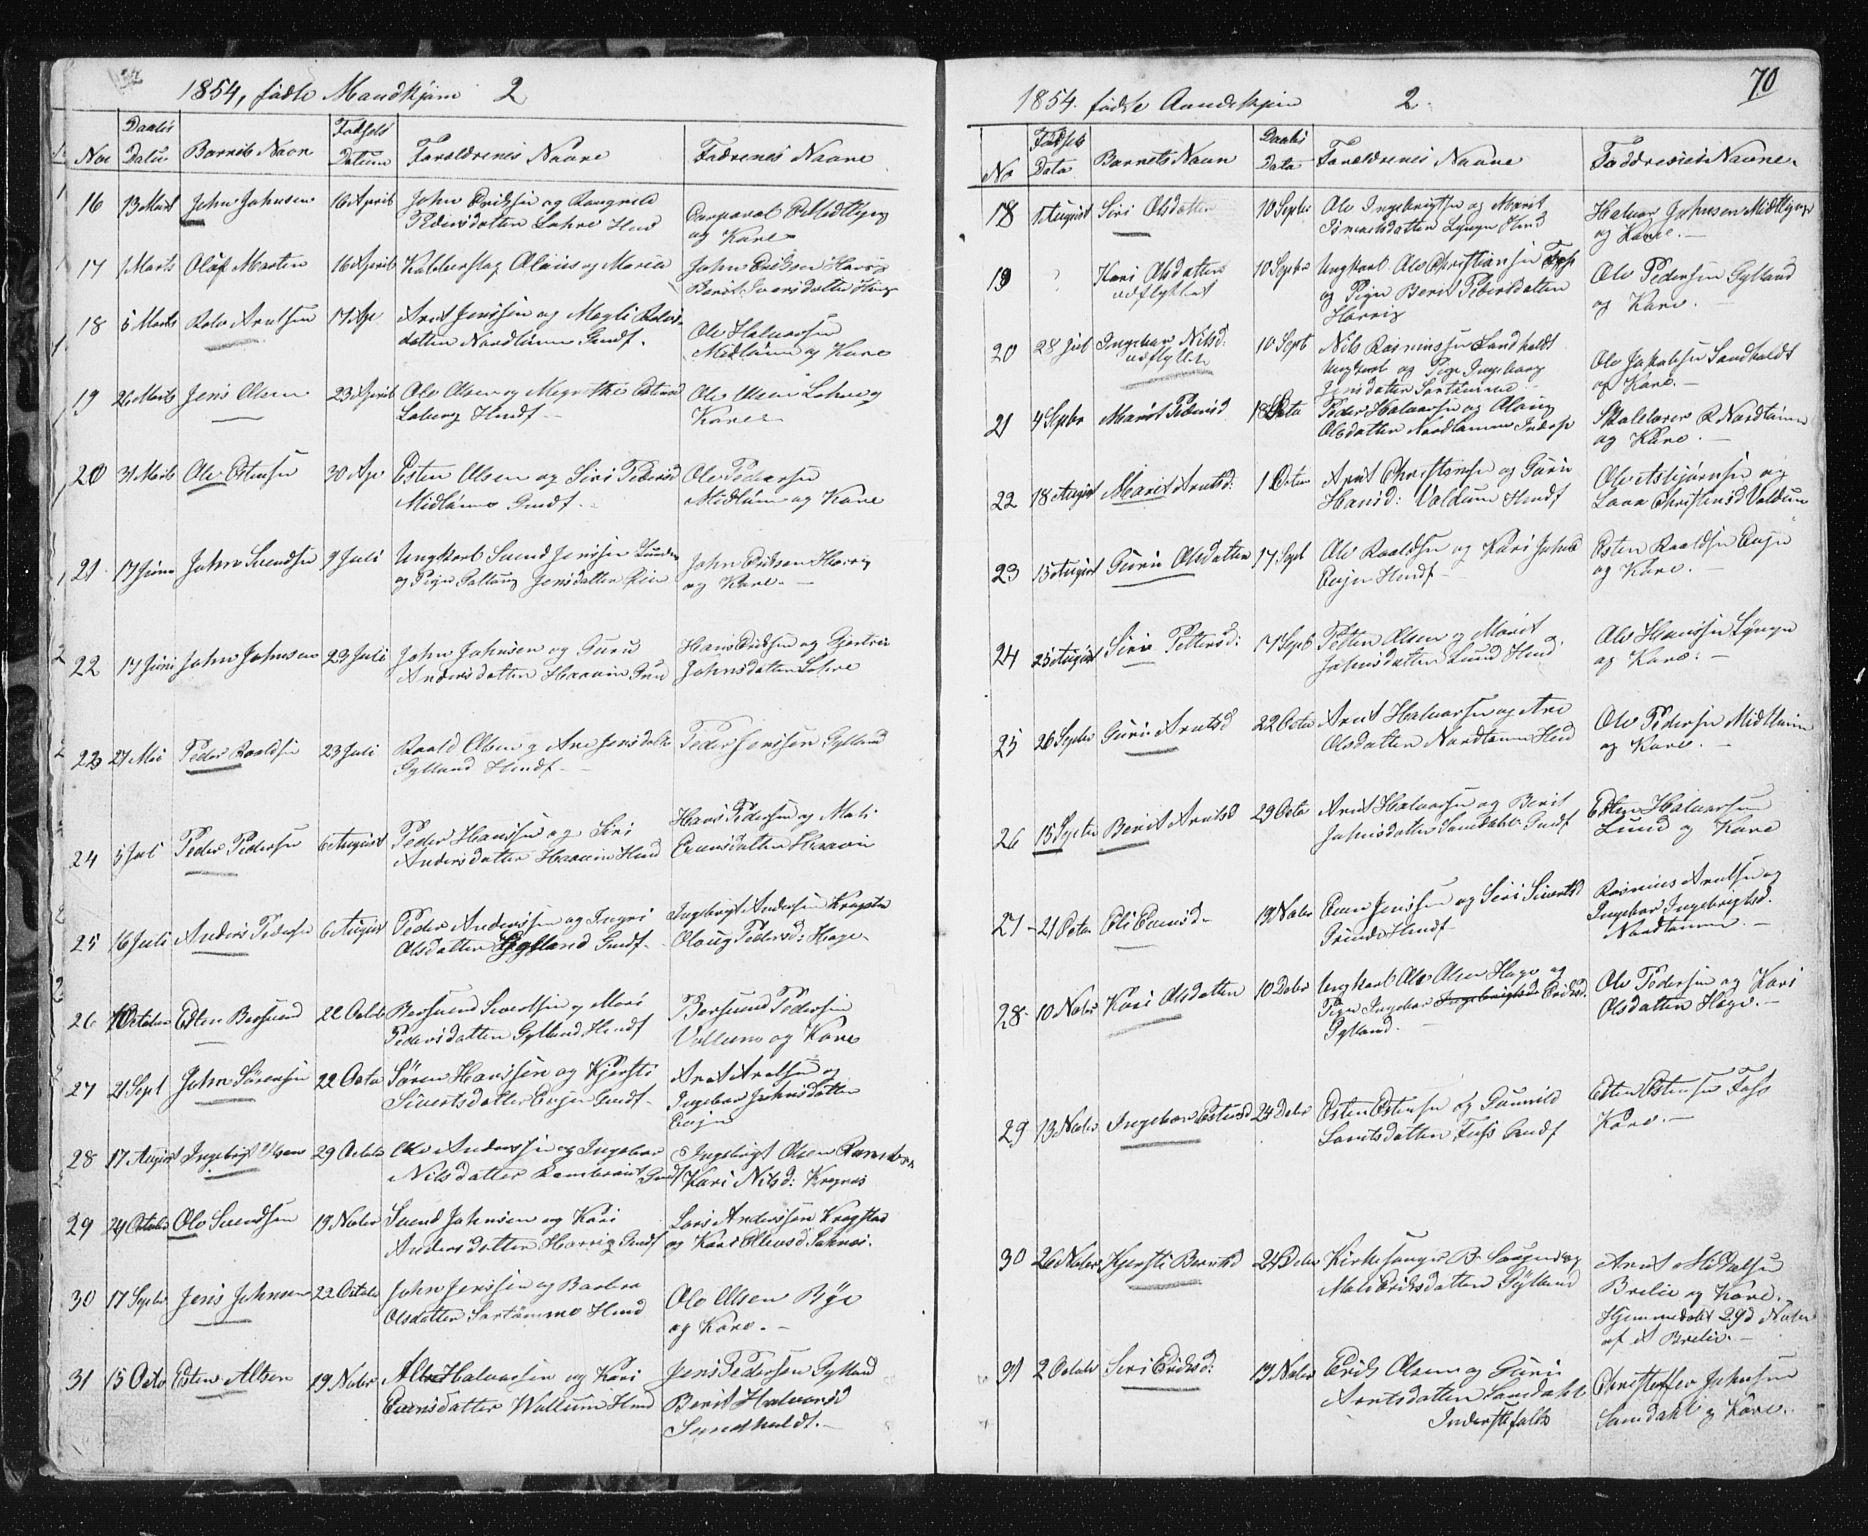 SAT, Ministerialprotokoller, klokkerbøker og fødselsregistre - Sør-Trøndelag, 692/L1110: Klokkerbok nr. 692C05, 1849-1889, s. 70